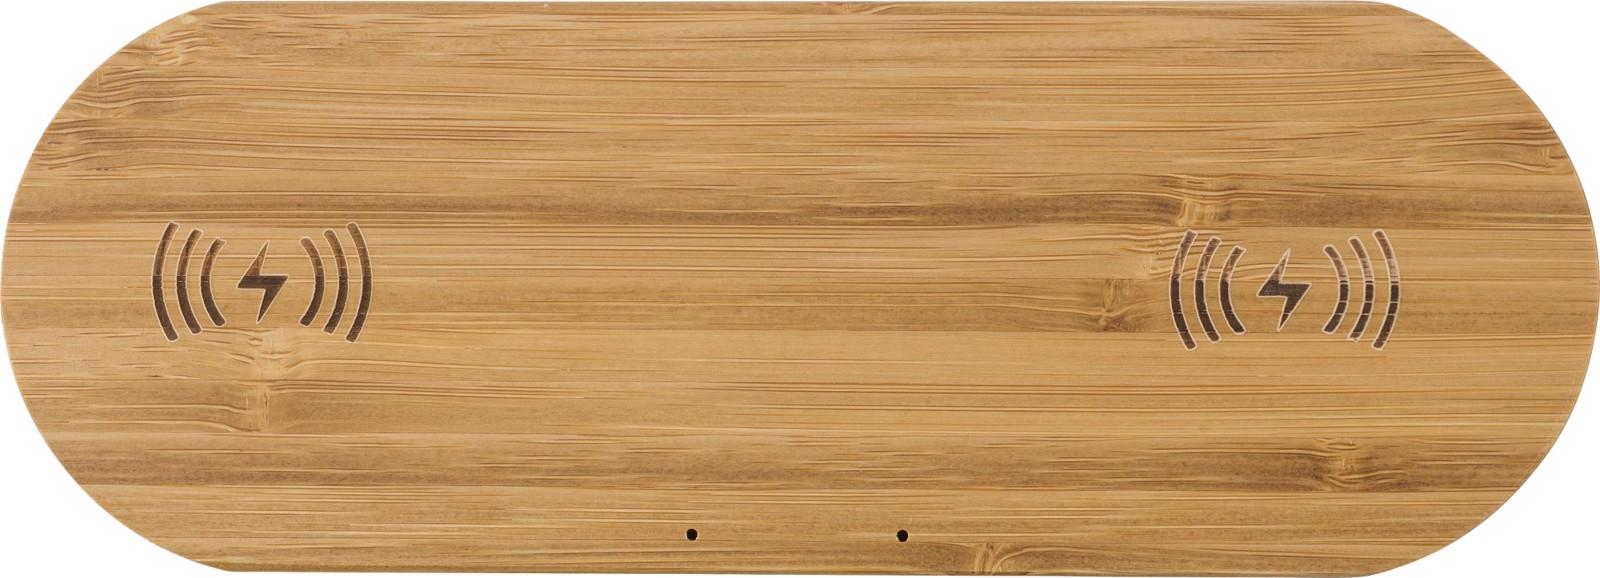 Cargador doble inalámbrico de bambú